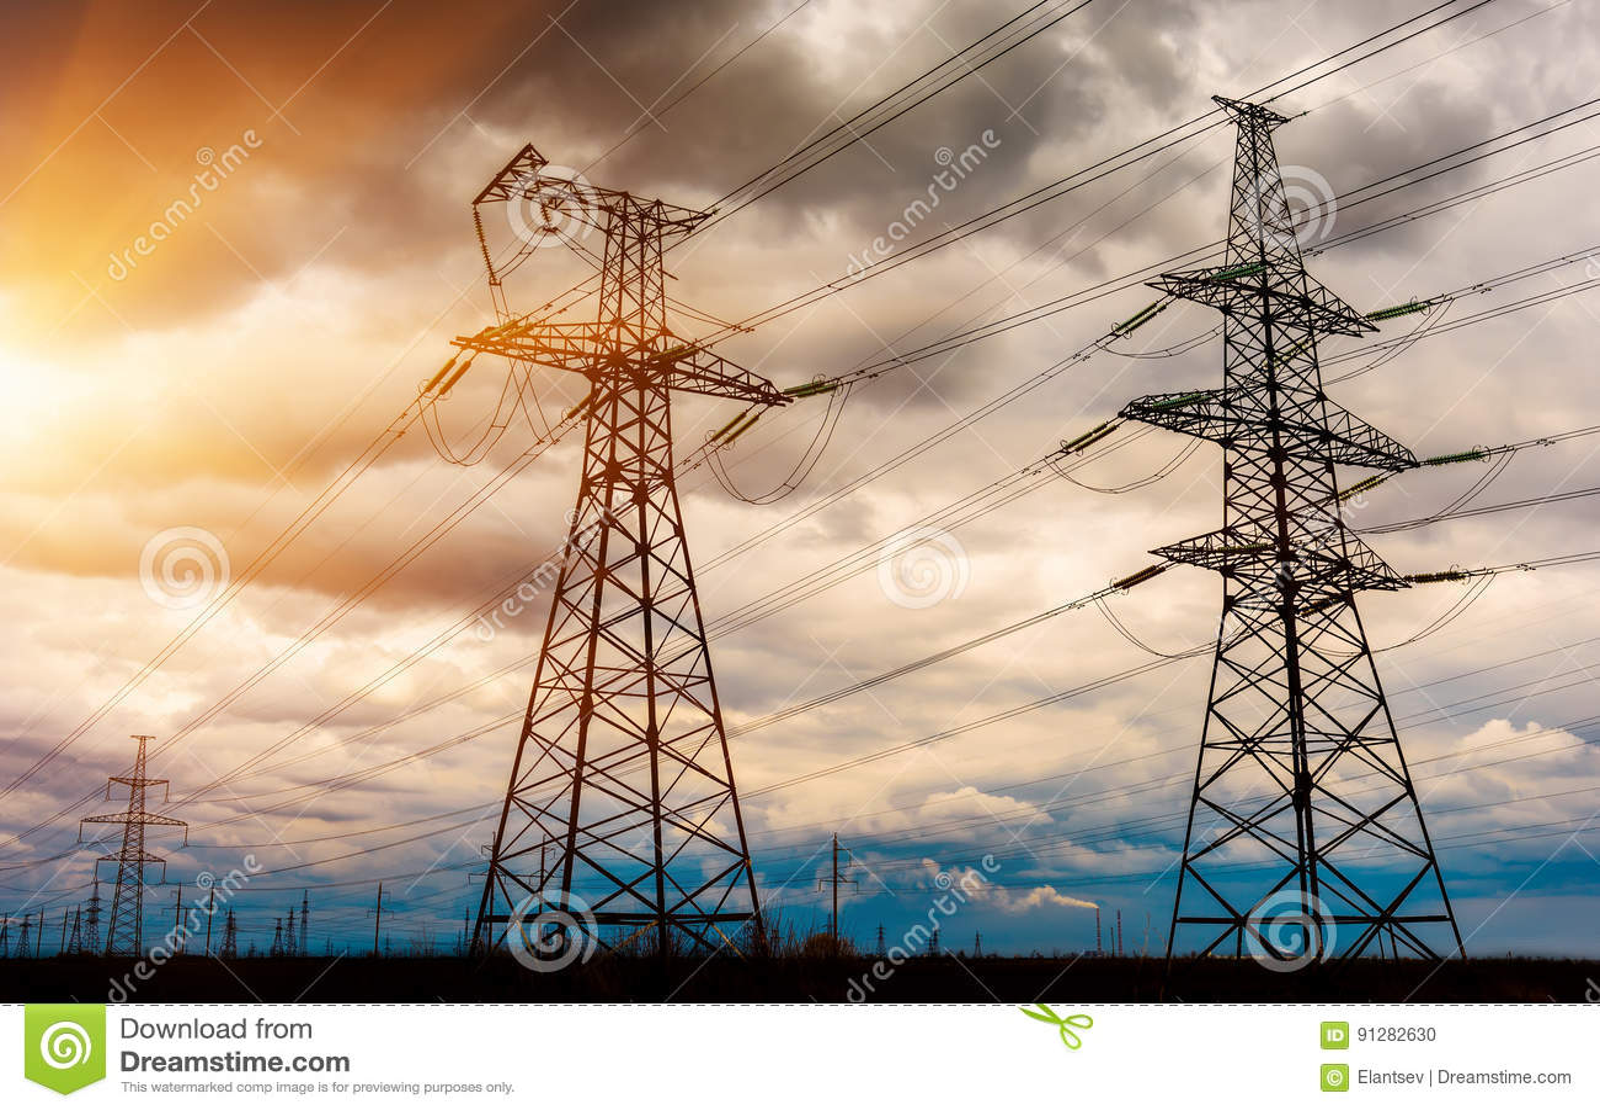 Hög-spänning kraftledningar på solnedgången Elektricitetsfördelningsstation